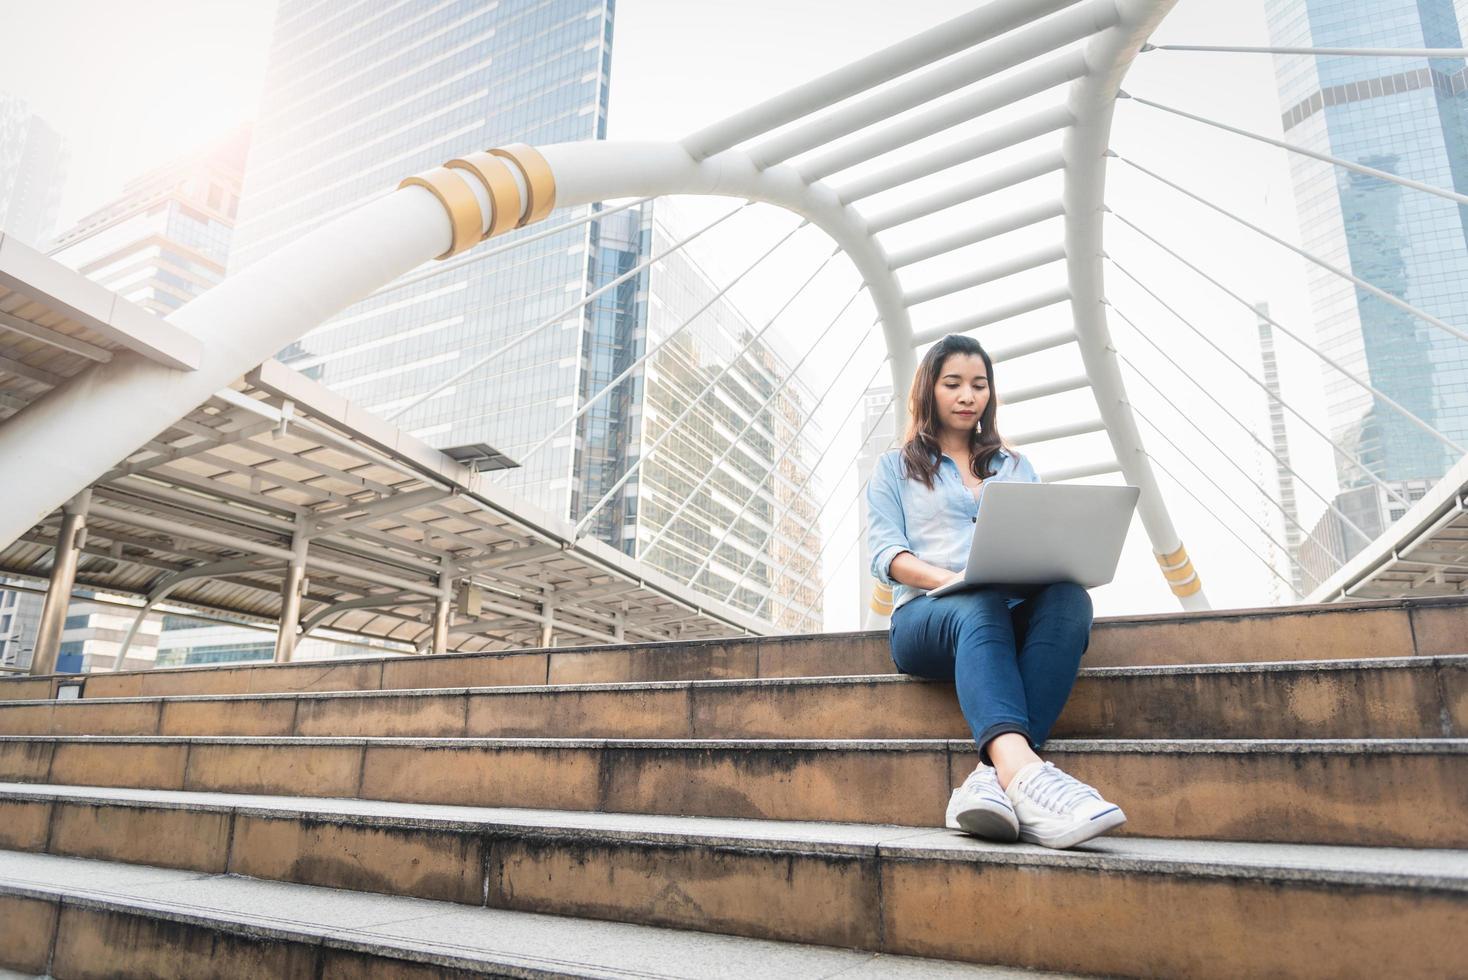 gelukkige vrouw die met laptop werkt. succesvol en geluk concept. technologie en lifestyle concept stad en stedelijk thema. gelukkig leven bij buiten thema foto